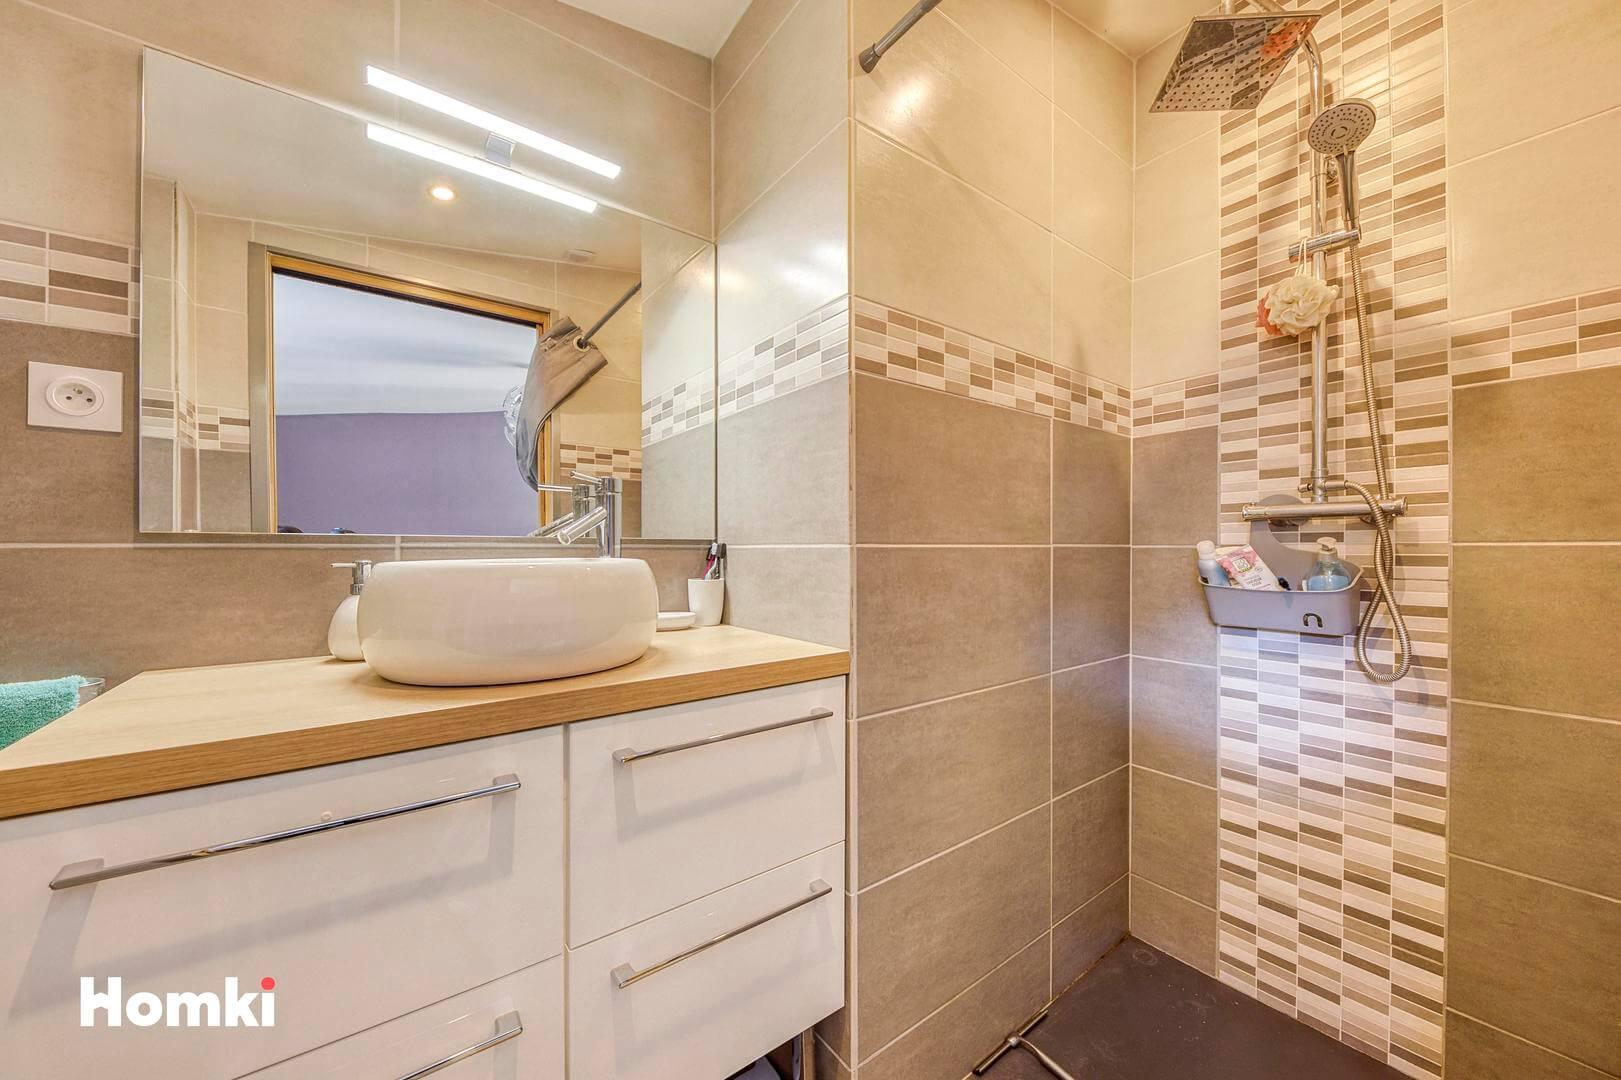 Homki - Vente Maison/villa  de 110.0 m² à Meyzieu 69330